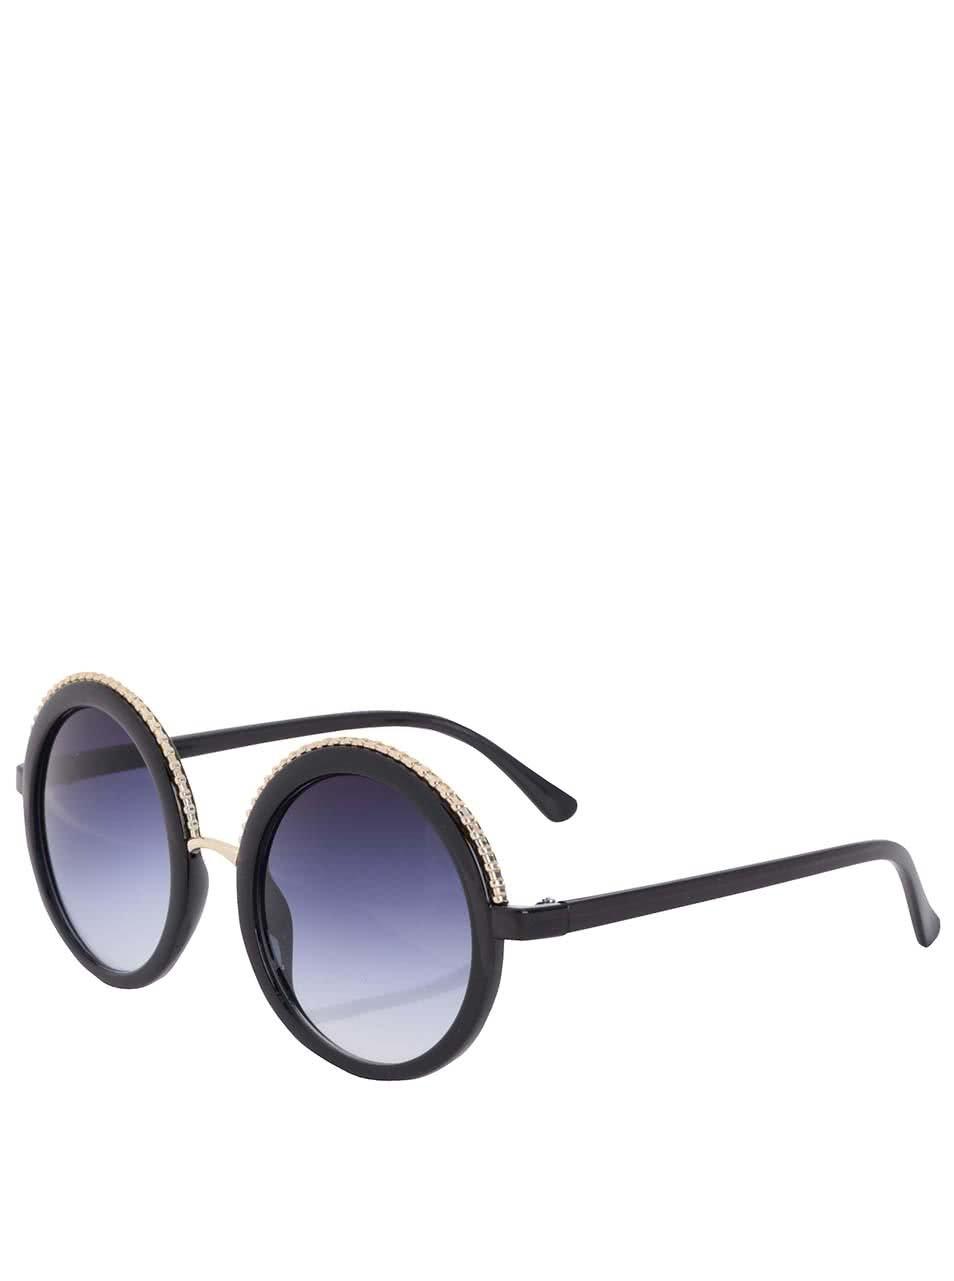 Čierne dámske okrúhle slnečné okuliare Jeepers Peepers ... 0af2dd5691c